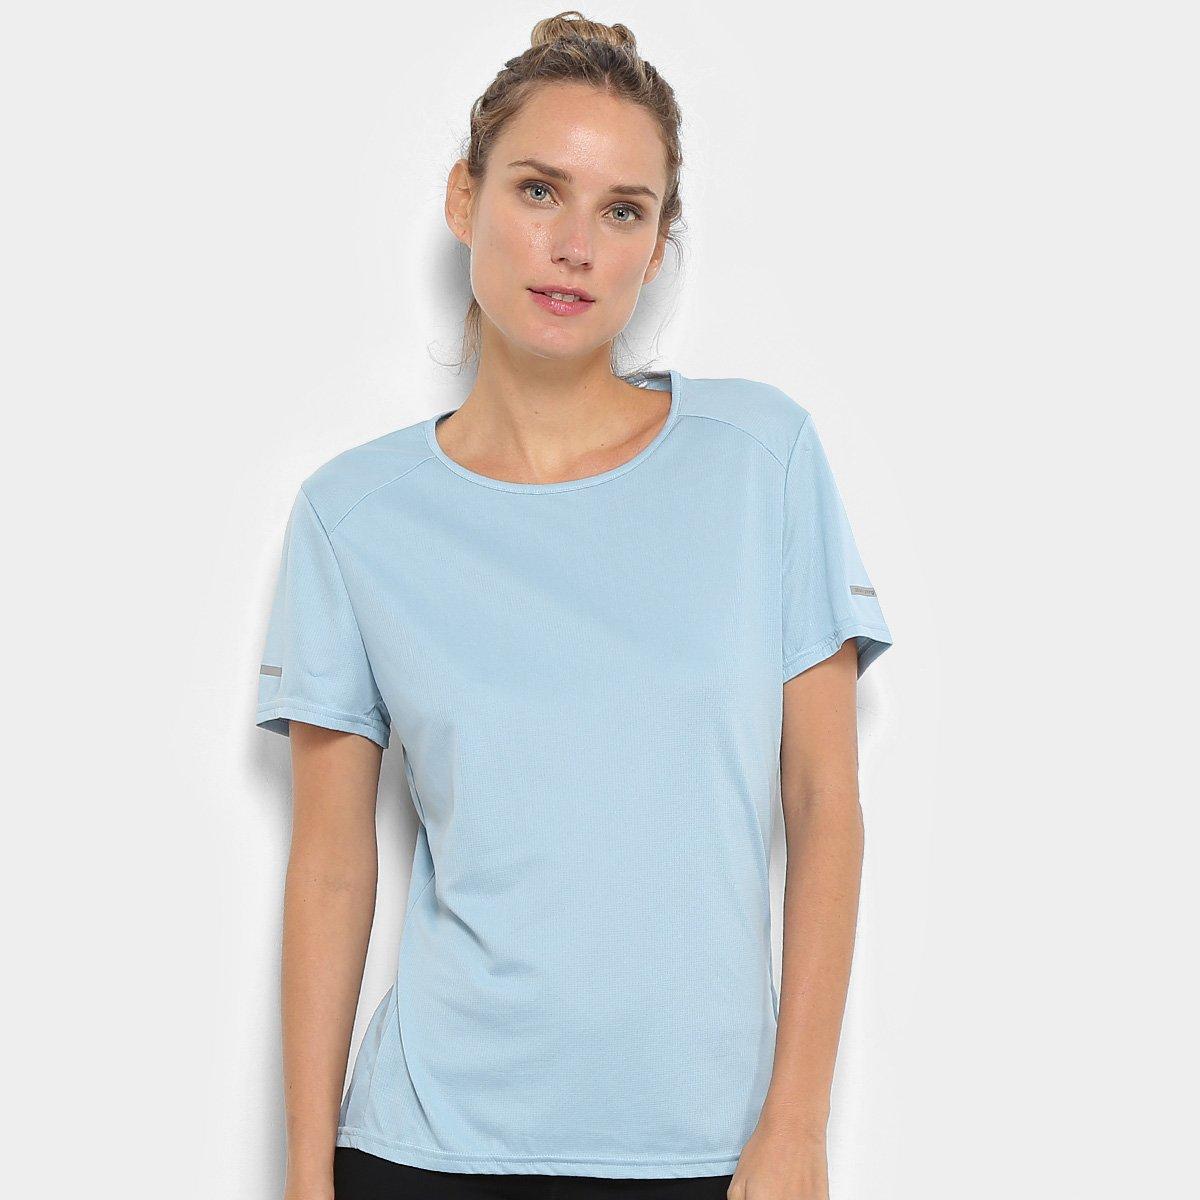 8e41906d90b43 Camiseta Adidas Run Feminina - Azul Claro - Compre Agora